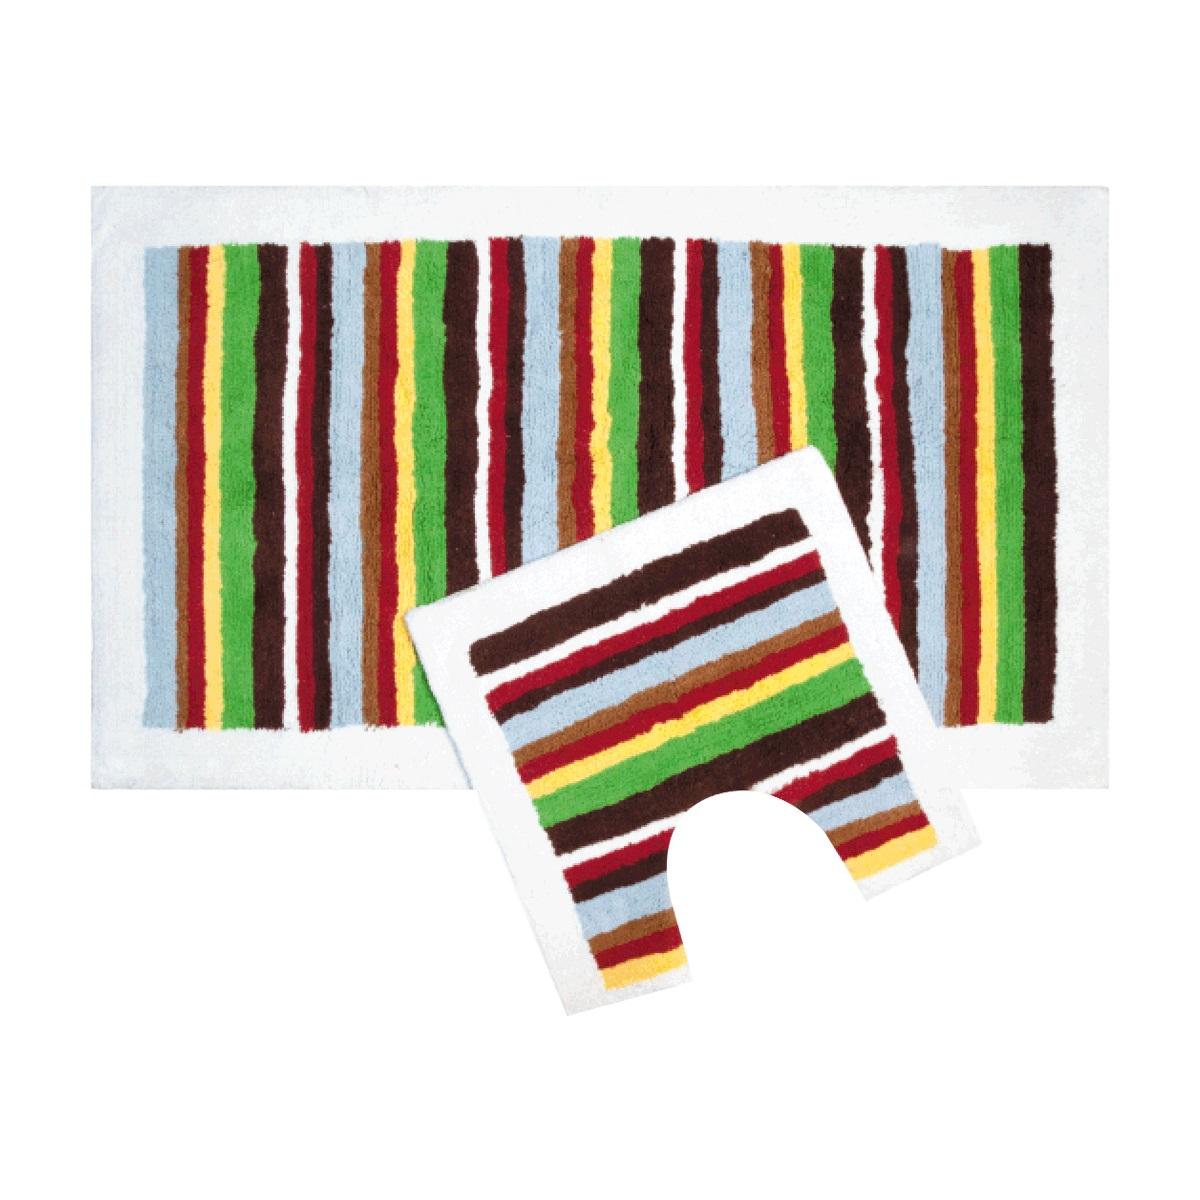 Набор ковриков для ванной Iddis Palette, цвет: коричнево-красный, 70 х 120 см, 50 х 50 см, 2 шт440C512i13Набор ковриков для ванной комнаты и туалета Iddis выполнен из 100% хлопка. Коврики имеют специальную основу Hot Metal, благодаря которой они не скользят на напольных покрытия в ванной, что обеспечивает безопасность во время использования. Коврики изготавливаются по специальным технологиям машинного ручного тафтинга, что гарантирует высокое качество и долговечность.Высота ворса: 1,5 см.